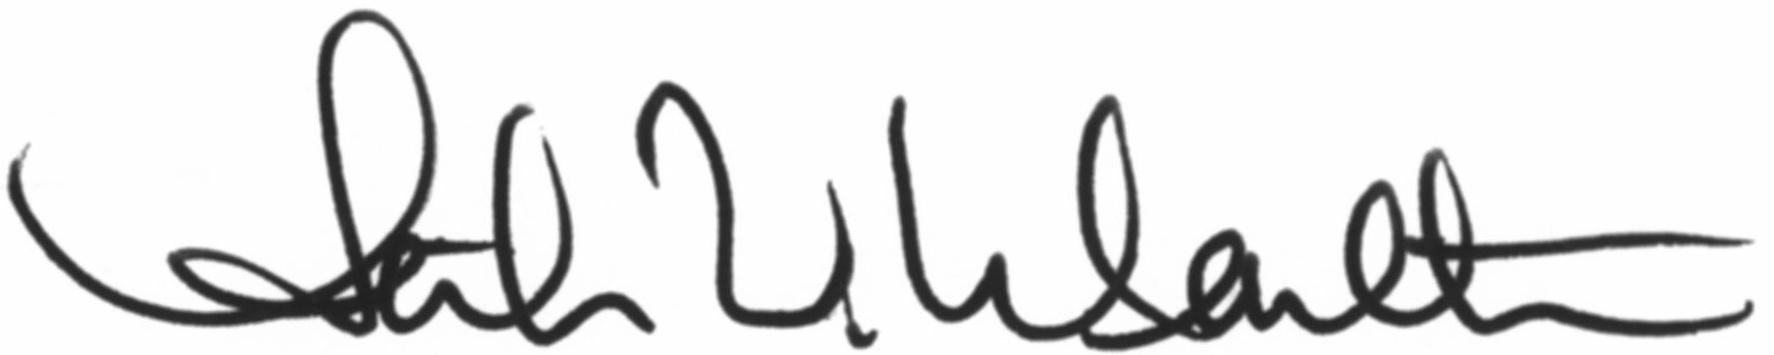 SWM_Signature_0608-1.jpg